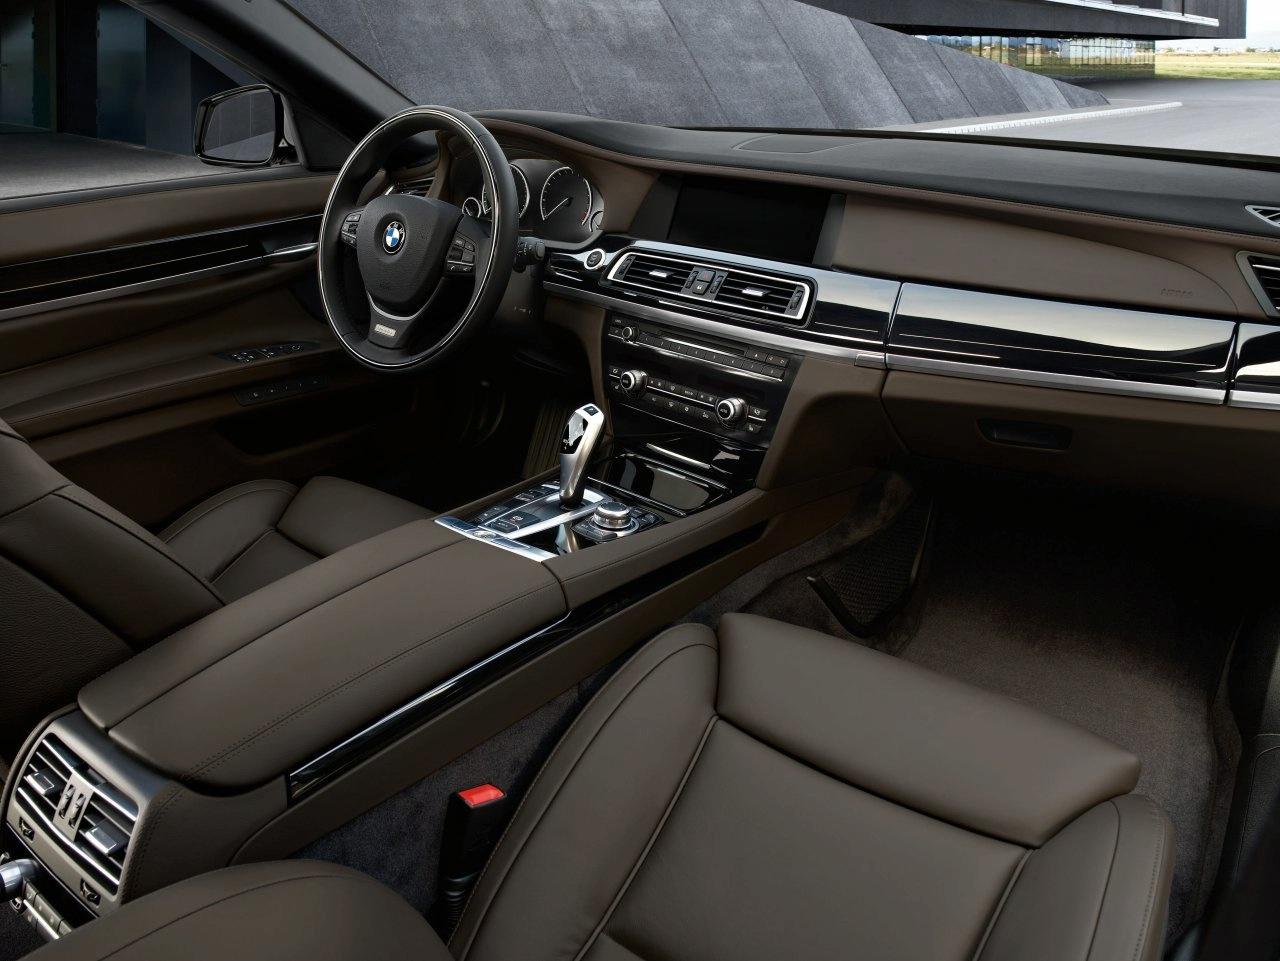 2009 BMW 7 Series – Individual Version